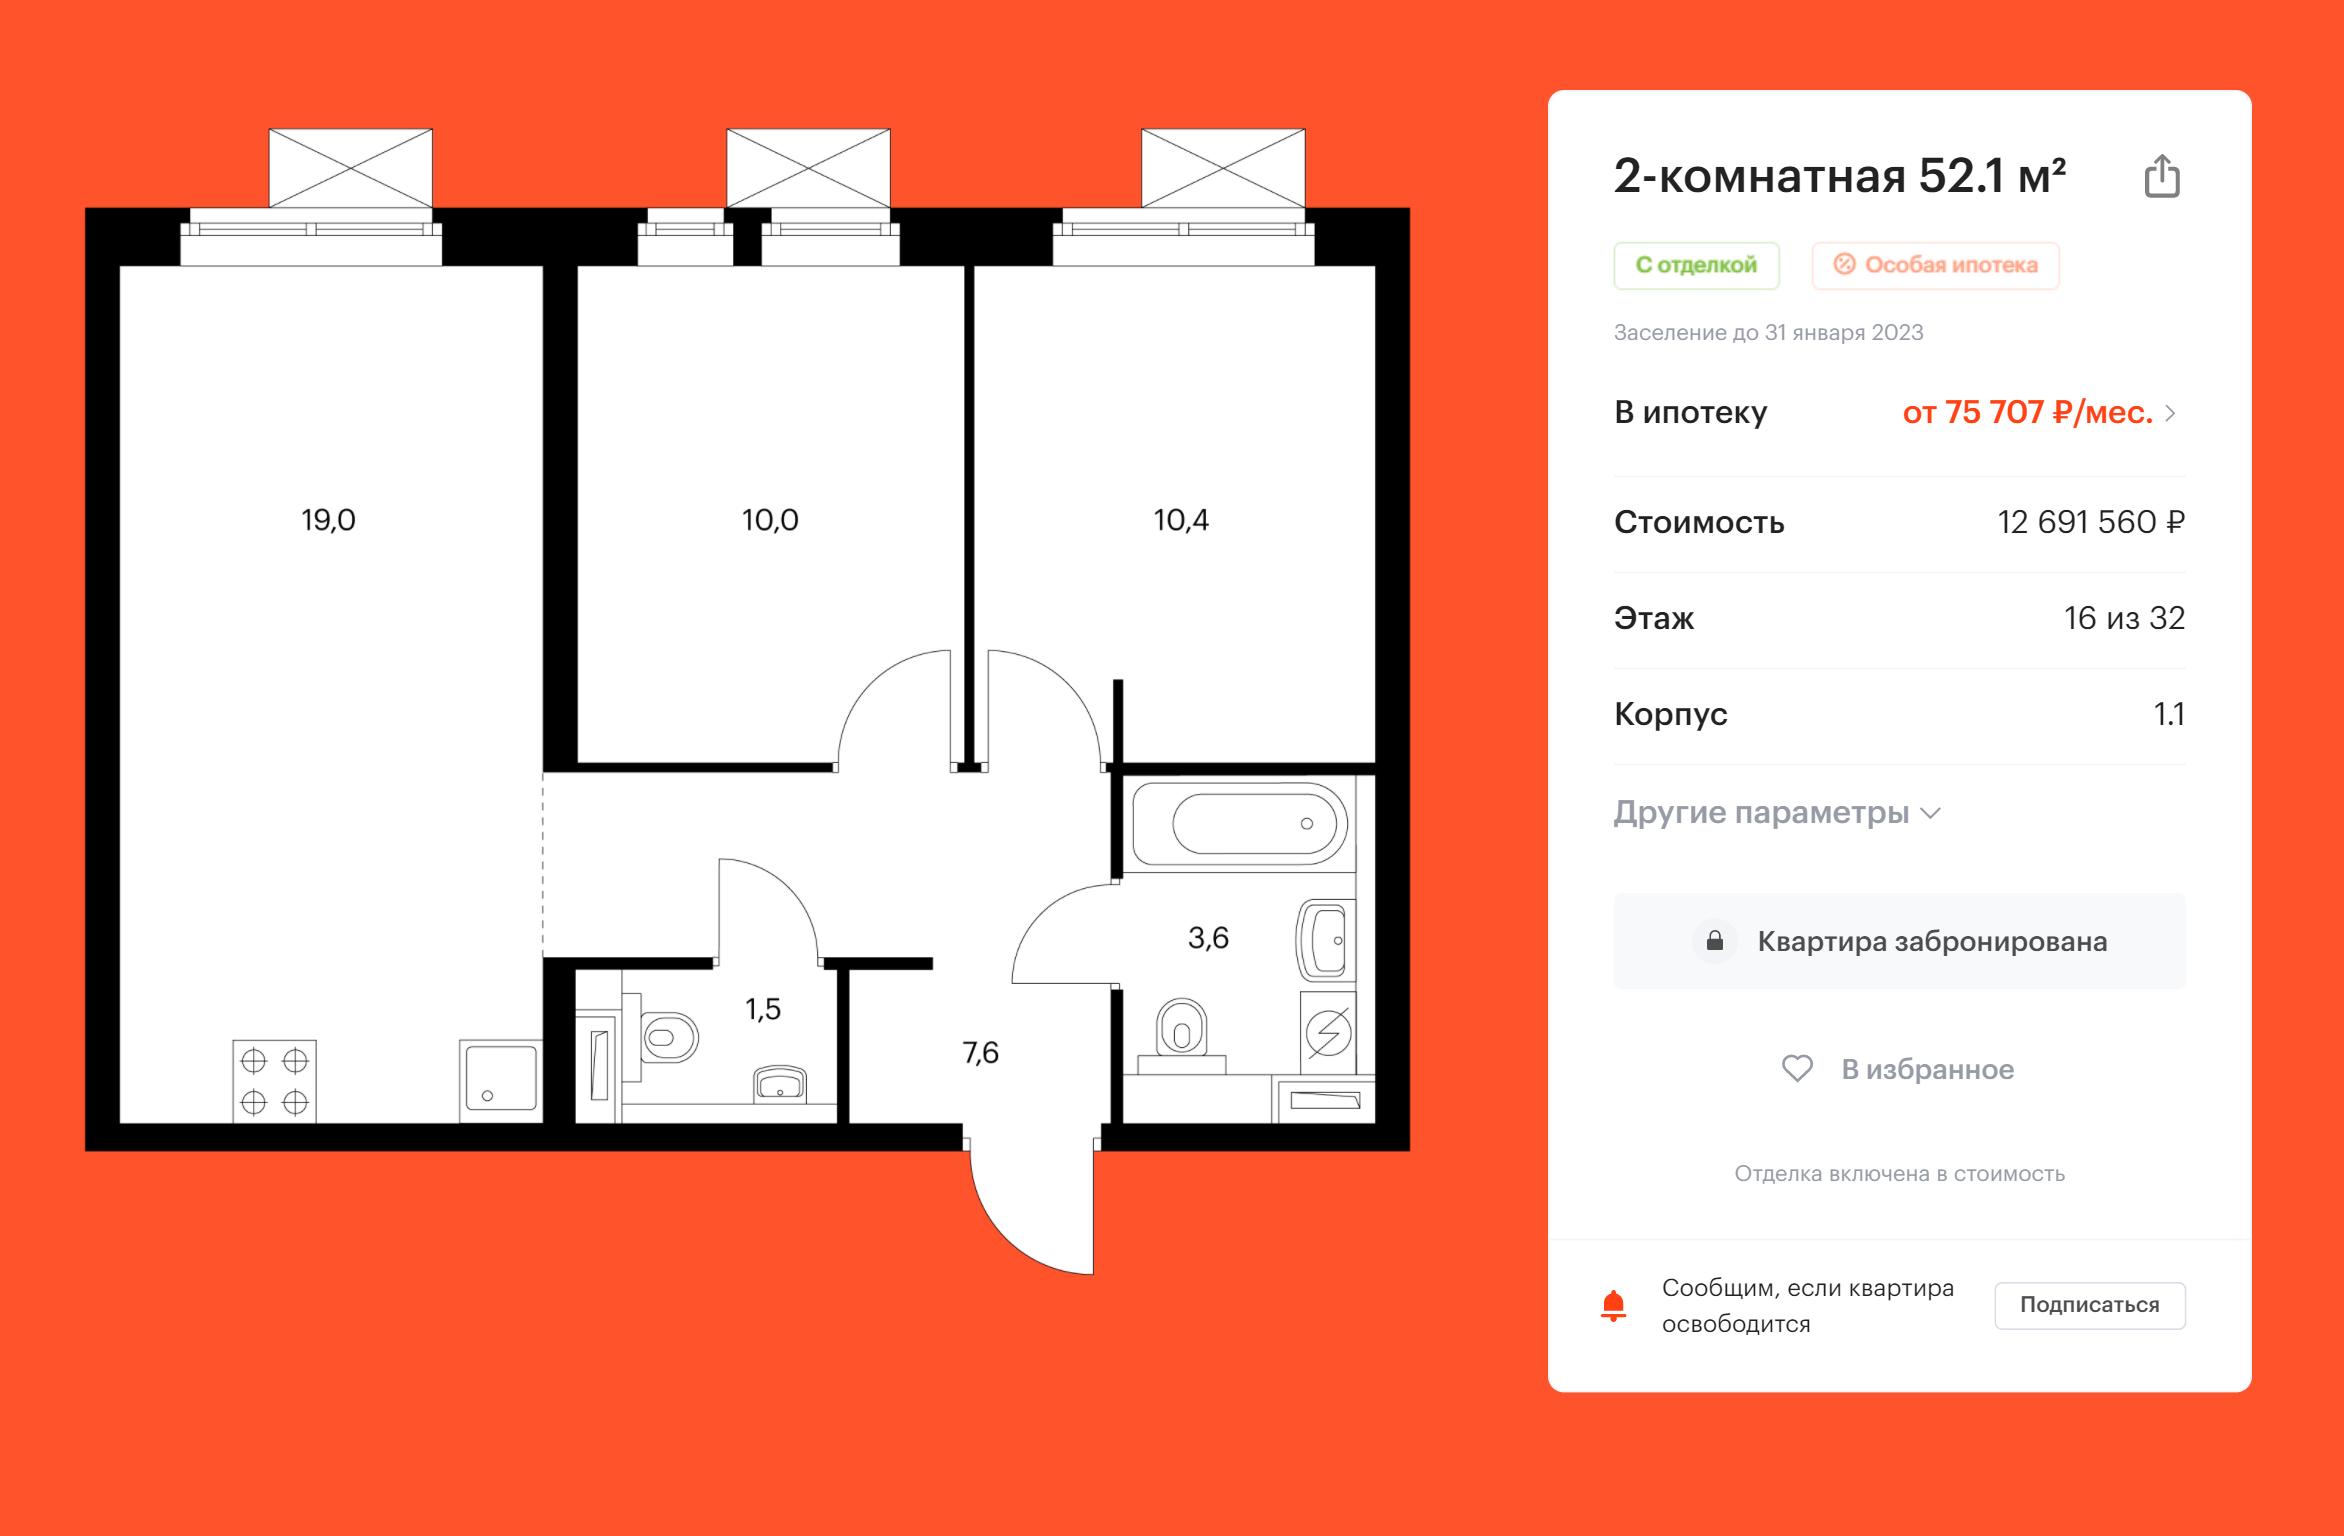 Такая планировка квартиры у некоторых застройщиков называется «трехкомнатная евро»